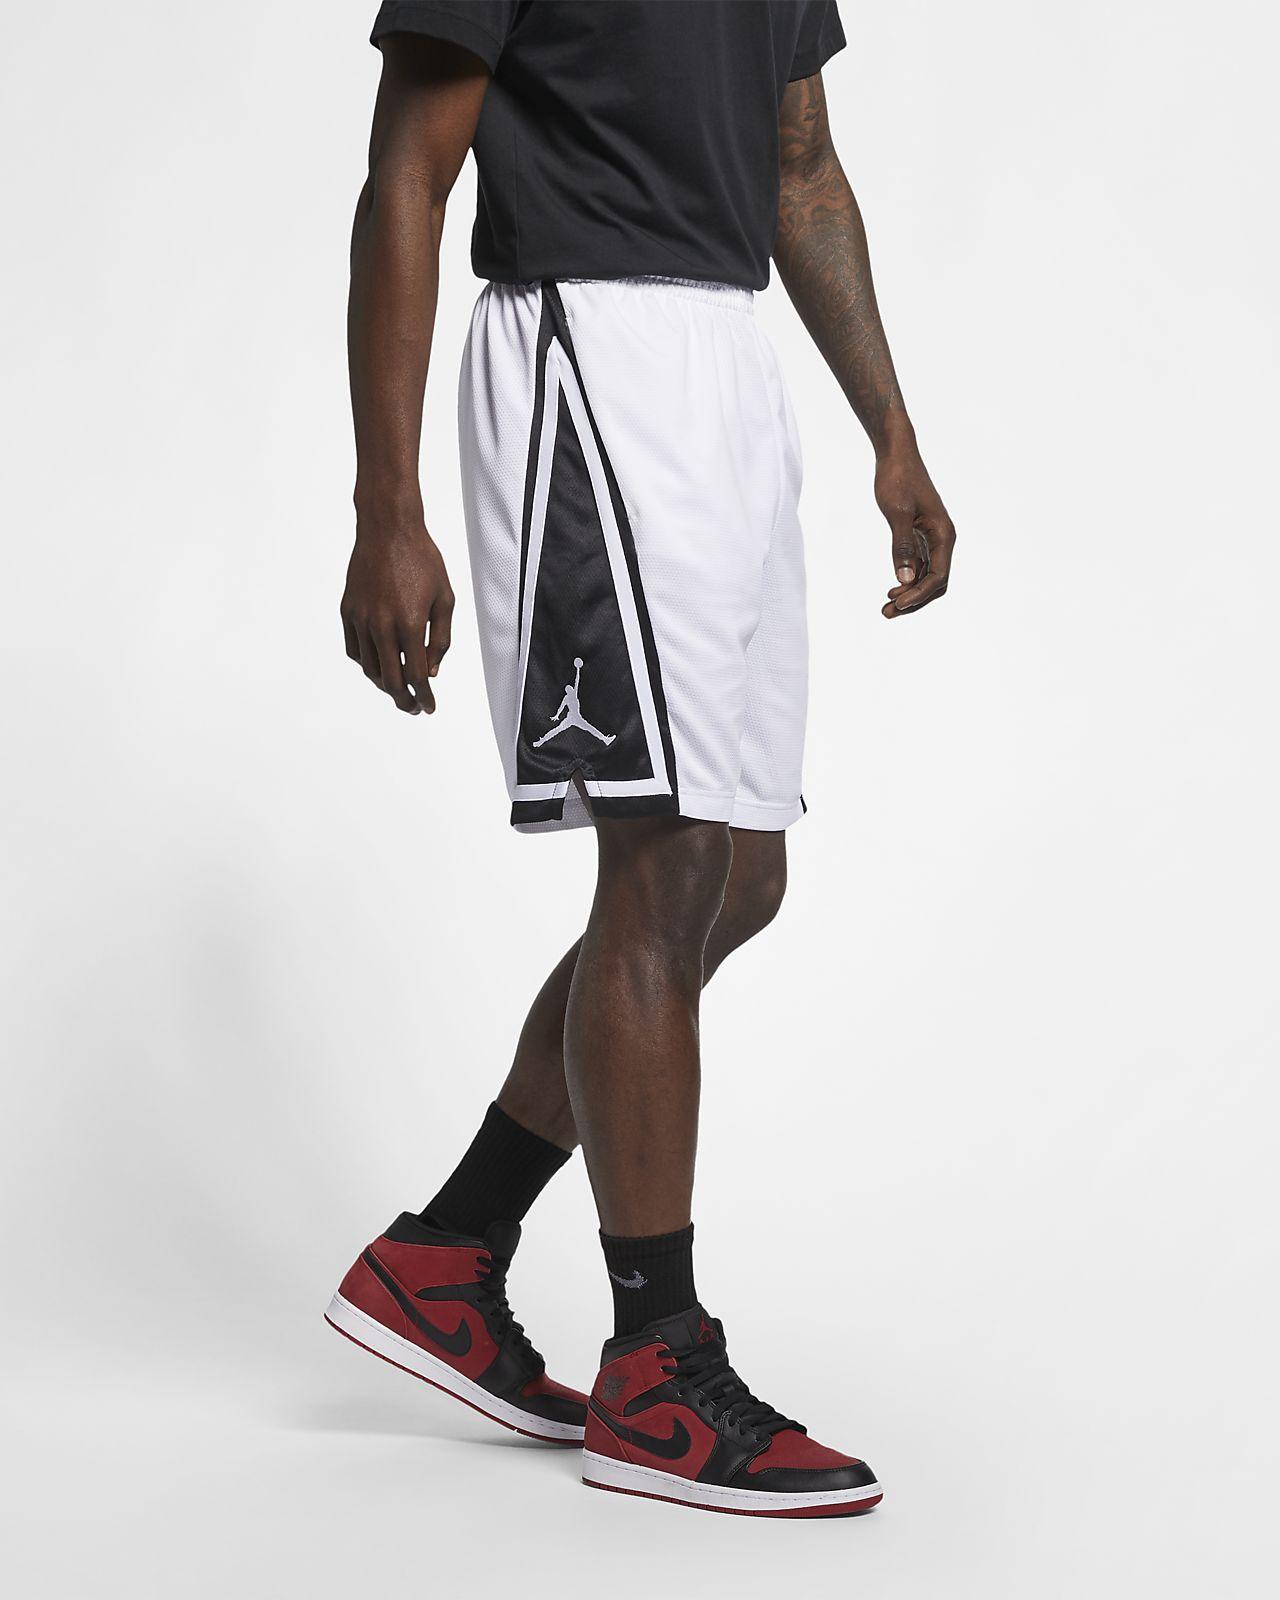 e23c213fd358 Short de basketball Jordan Franchise pour Homme. Nike.com FR